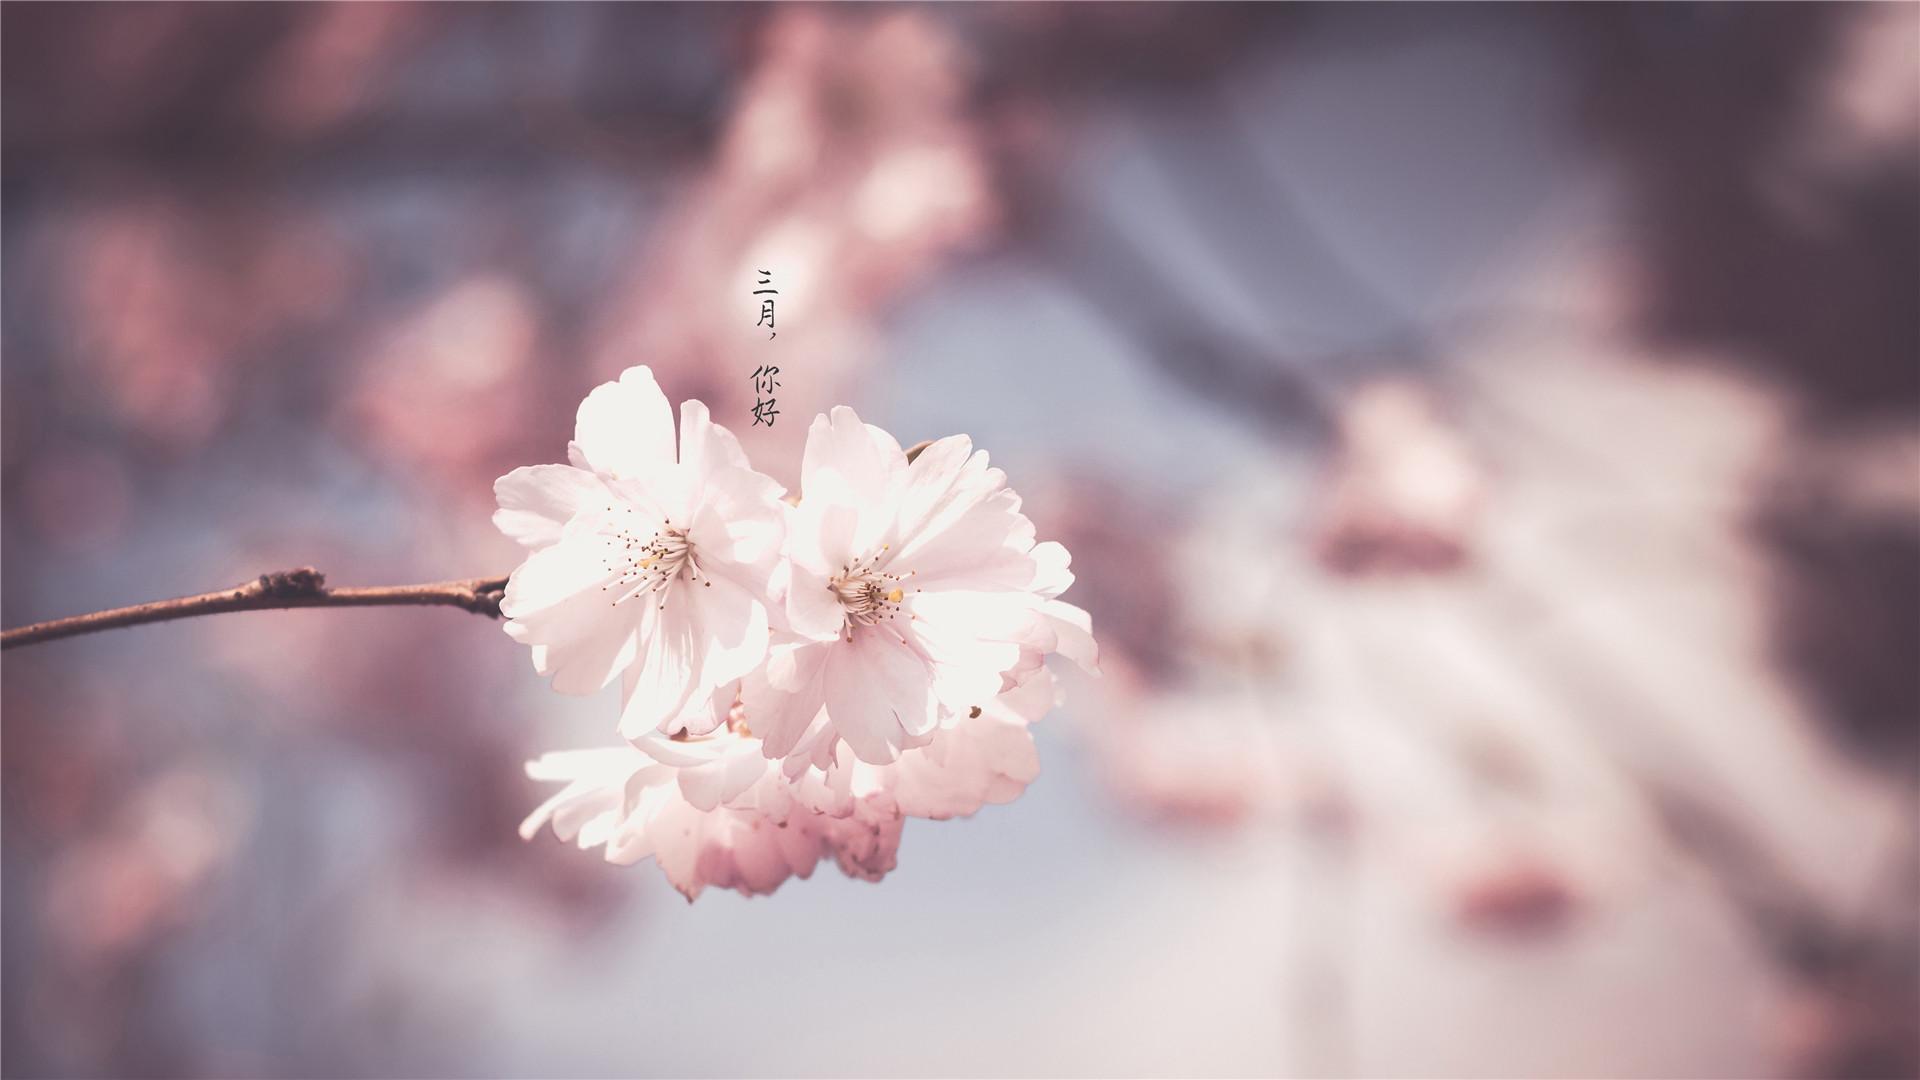 花卉种类植物图片清爽桌面壁纸自动换